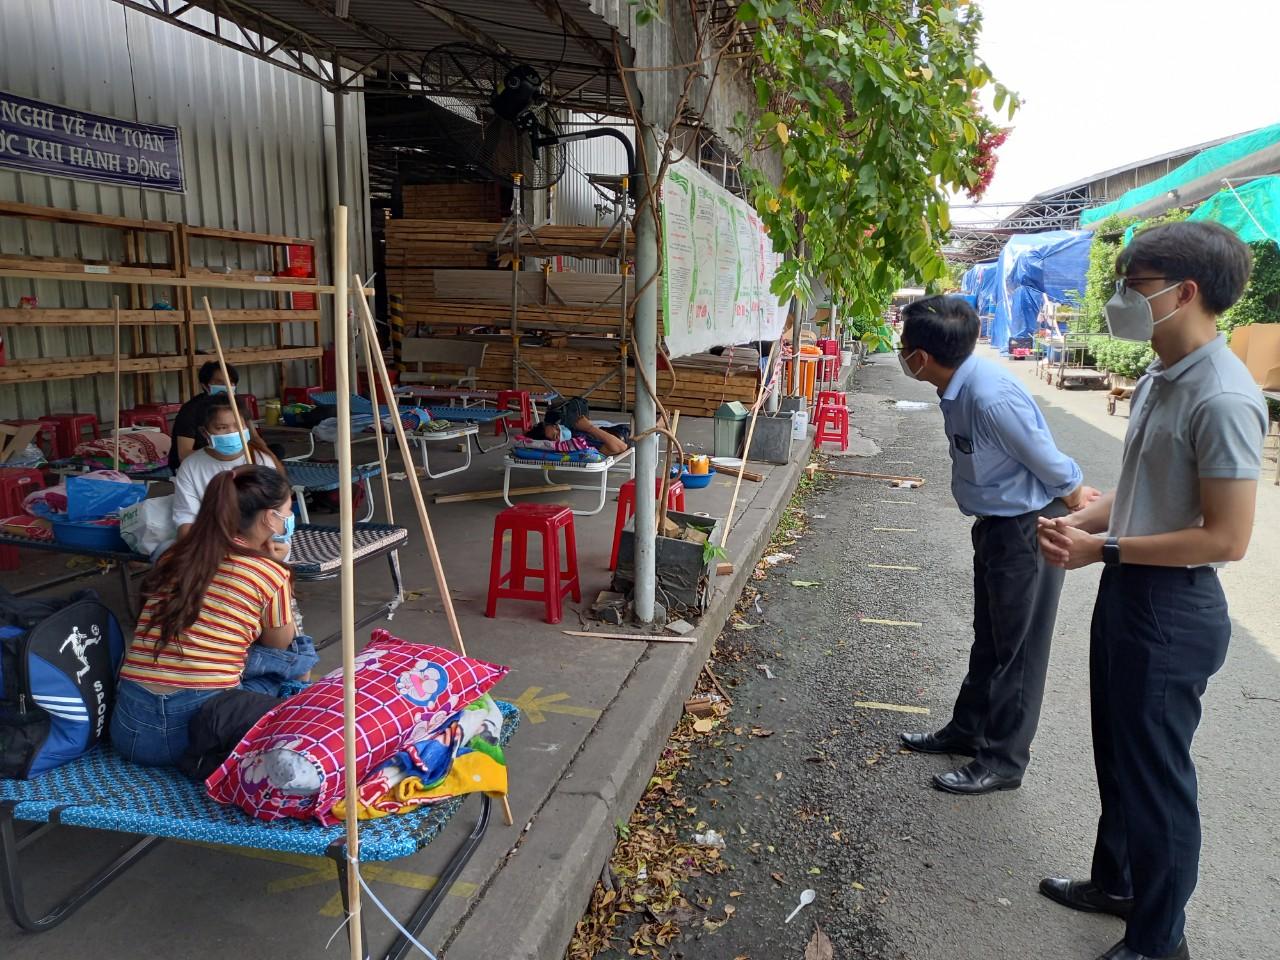 Y tế Diễn biến dịch ngày 21/7: 3556 ca mắc mới tại TP. Hồ Chí Minh trong 24 giờ  - Ảnh 8.